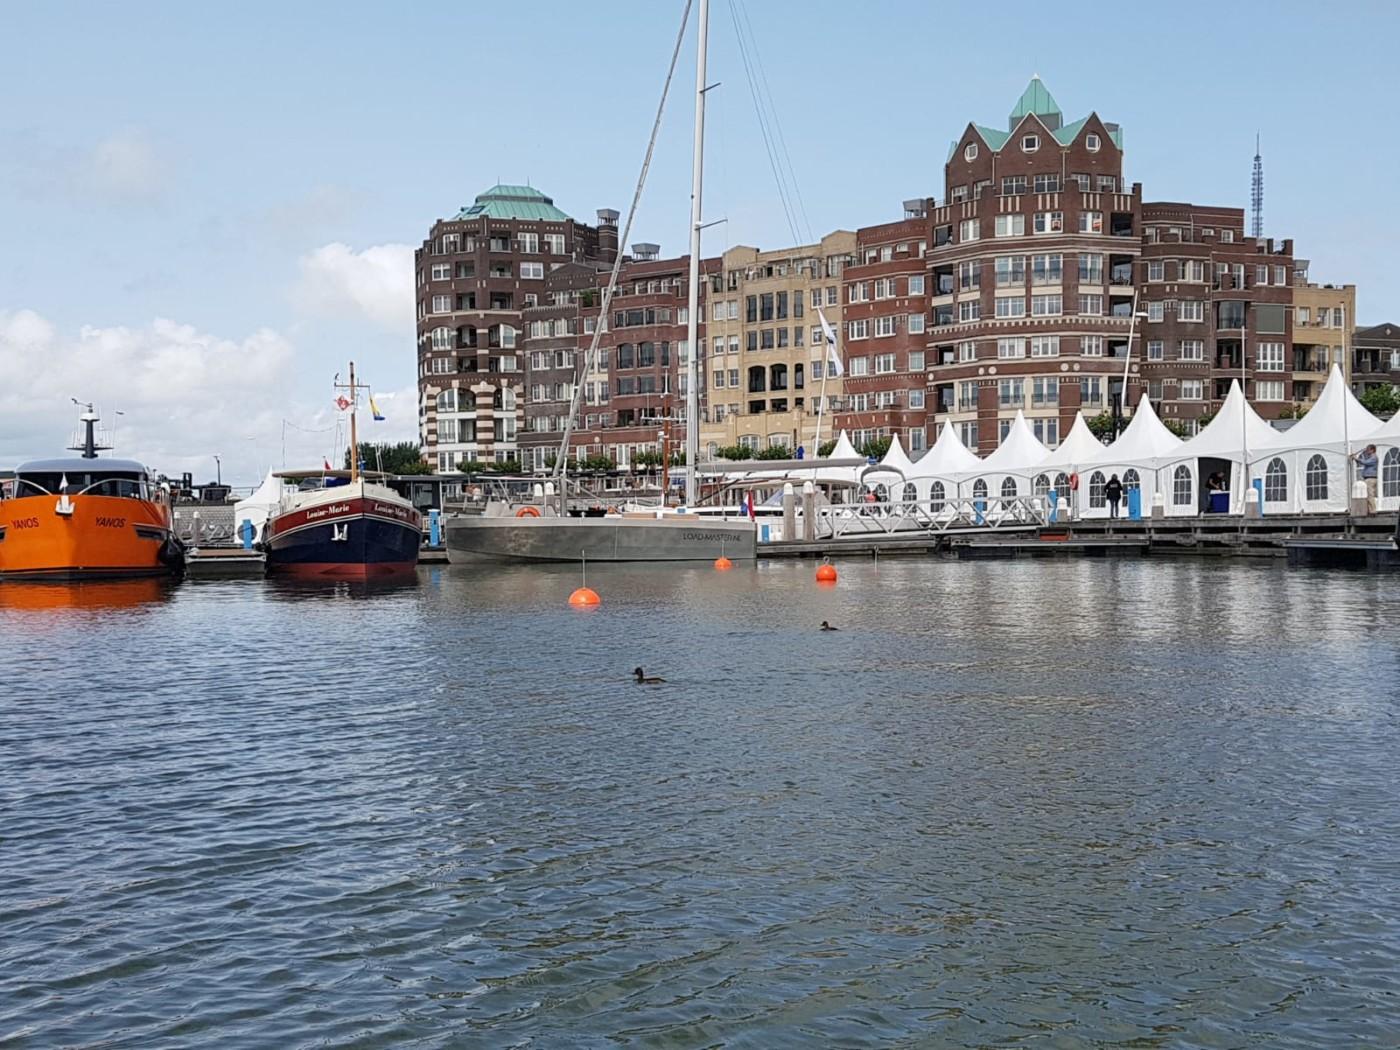 Hiswa te Water, primeursteiger, Load Master Boats, 100% elektrisch vaartuig (3)